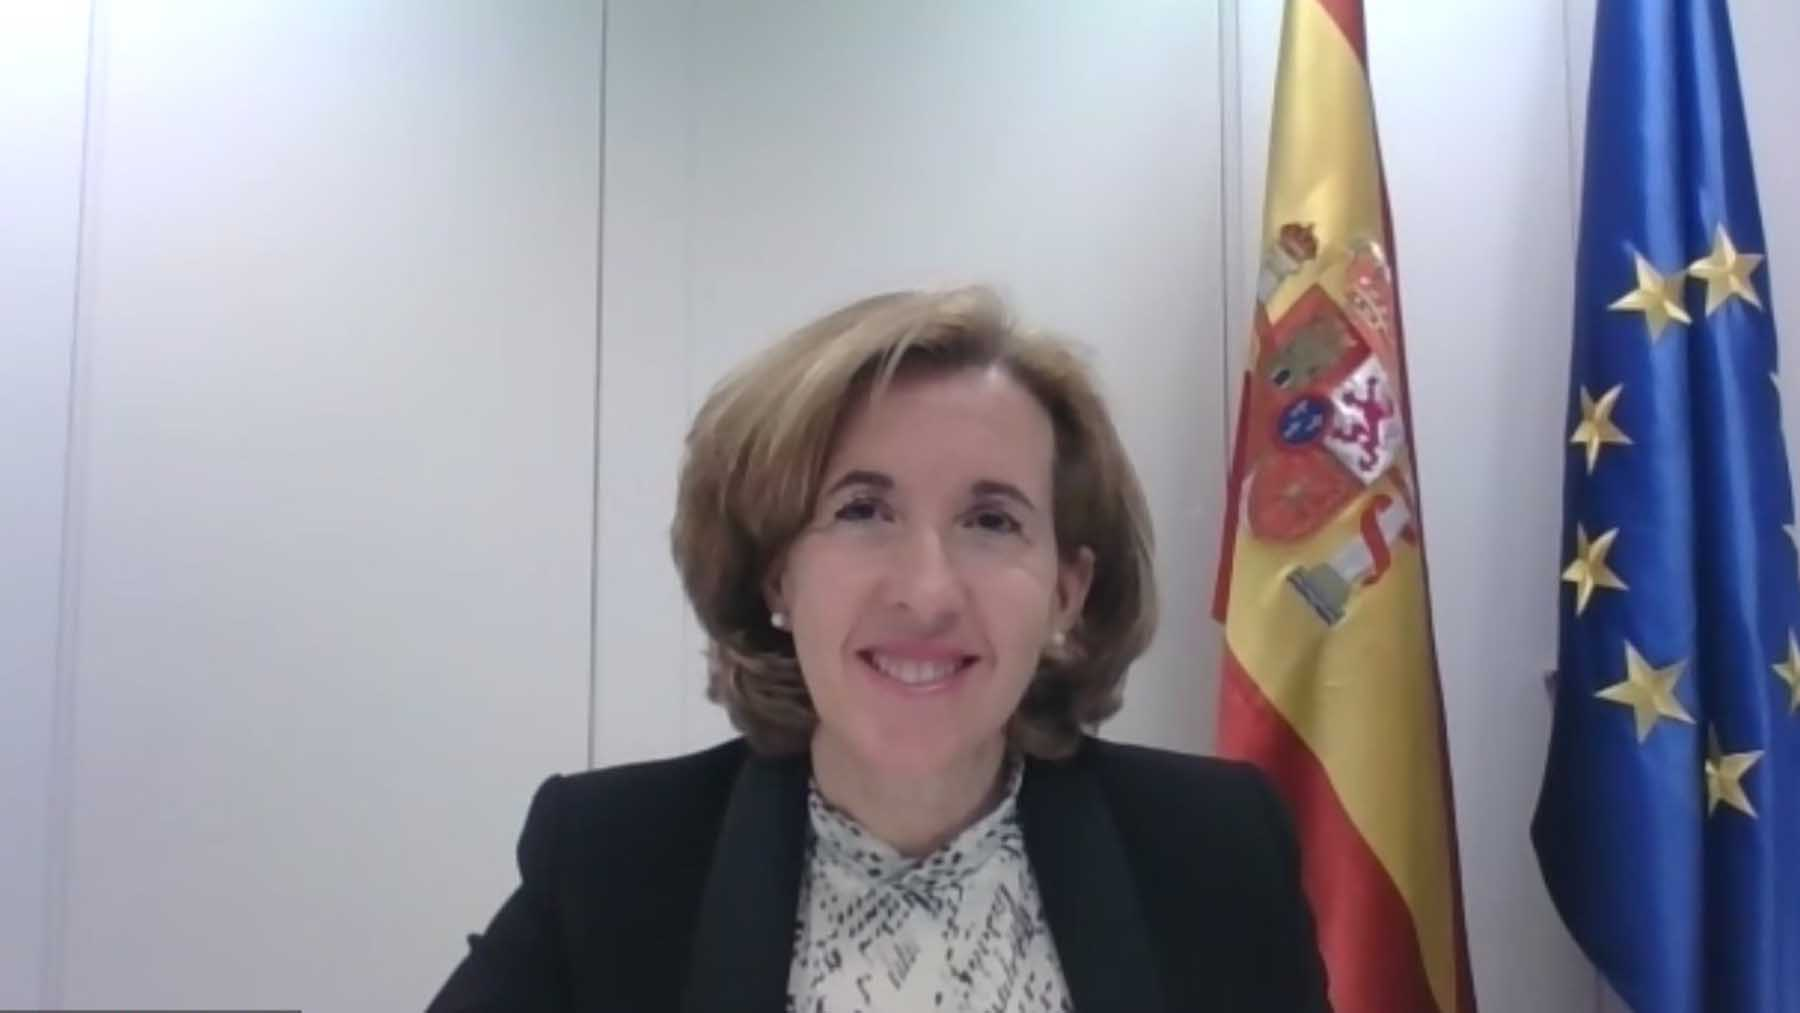 Ana de la Cueva, nueva presidenta de Patrimonio Nacional. Foto: Europa Press.